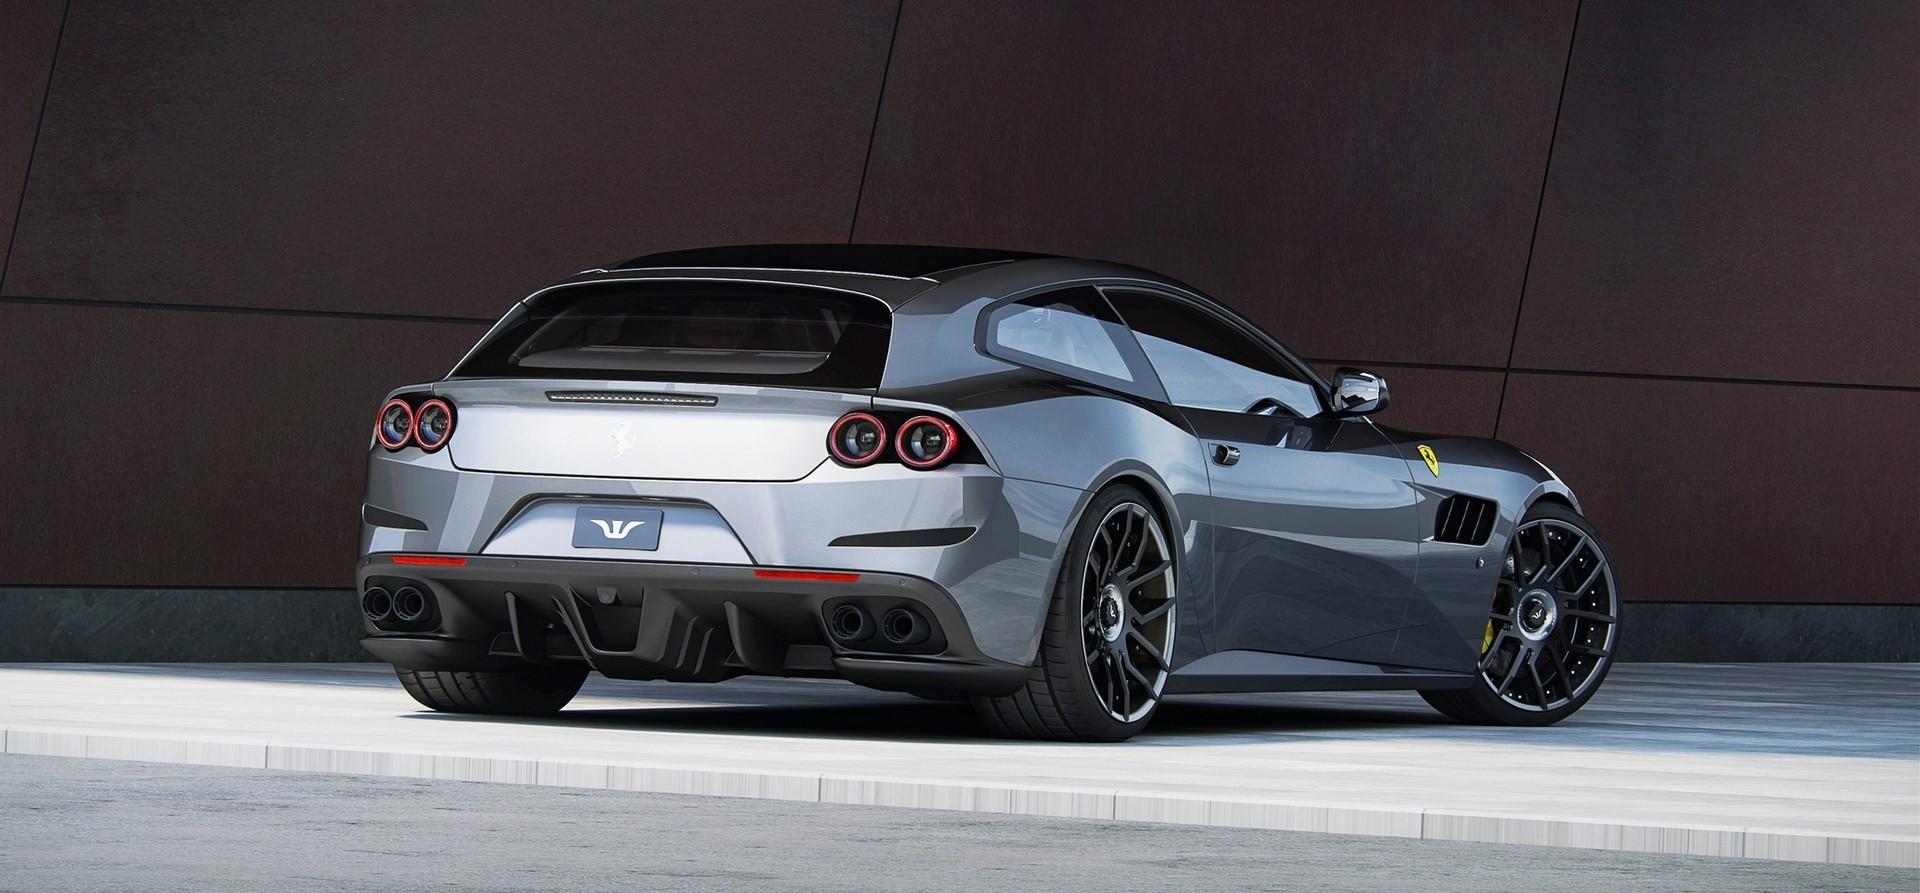 Ferrari GTC4Lusso T by Wheelsandmore (2)